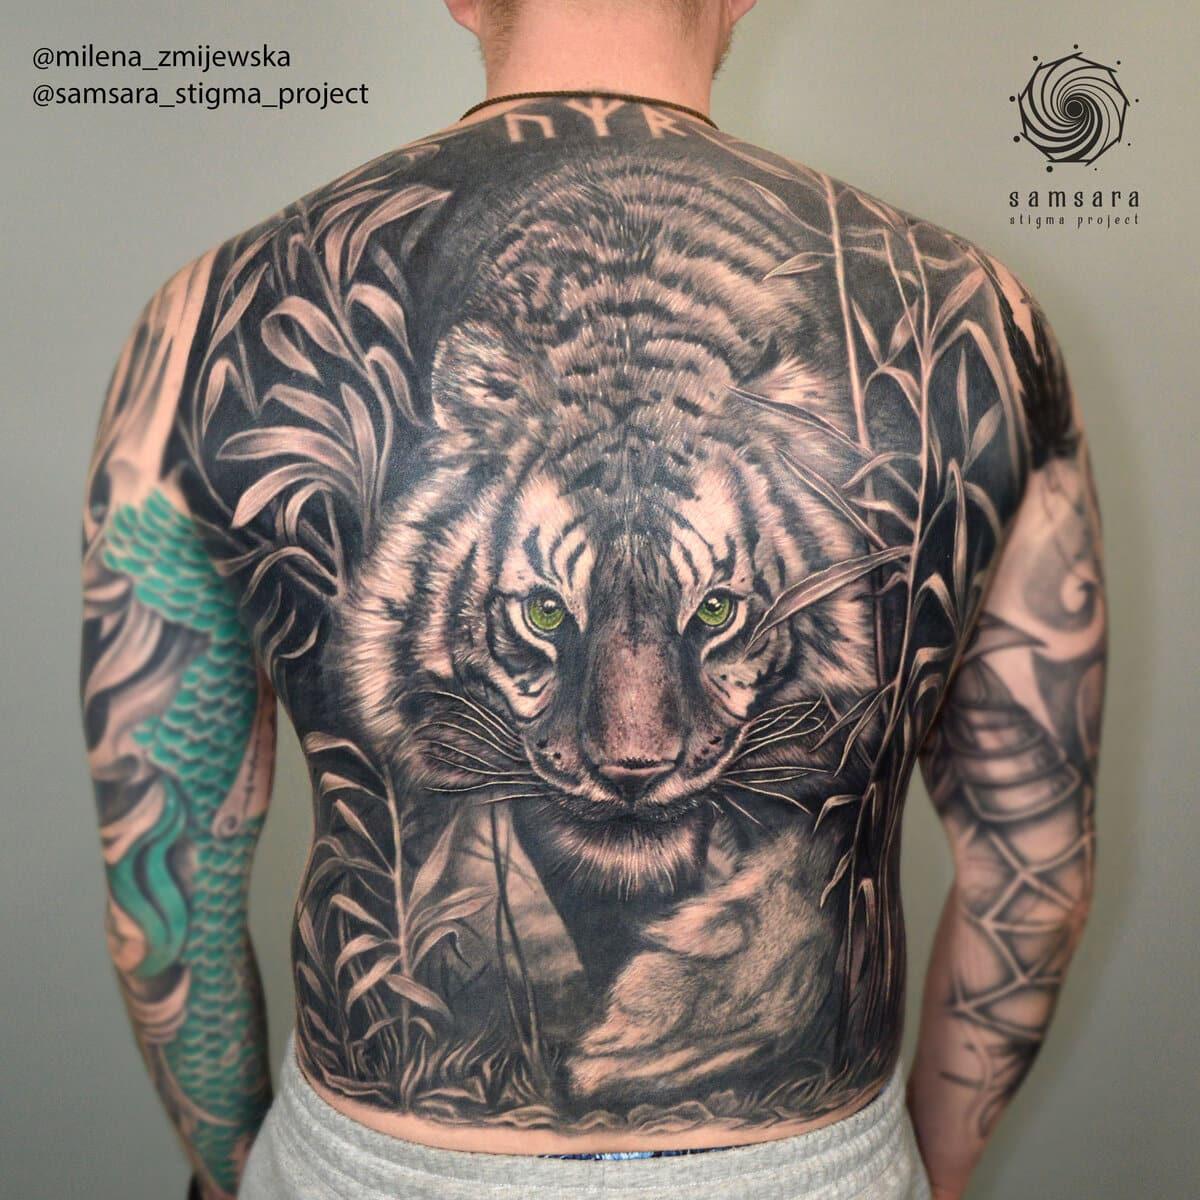 milena-zmijewska-tattoo-artist-tiger-all-back